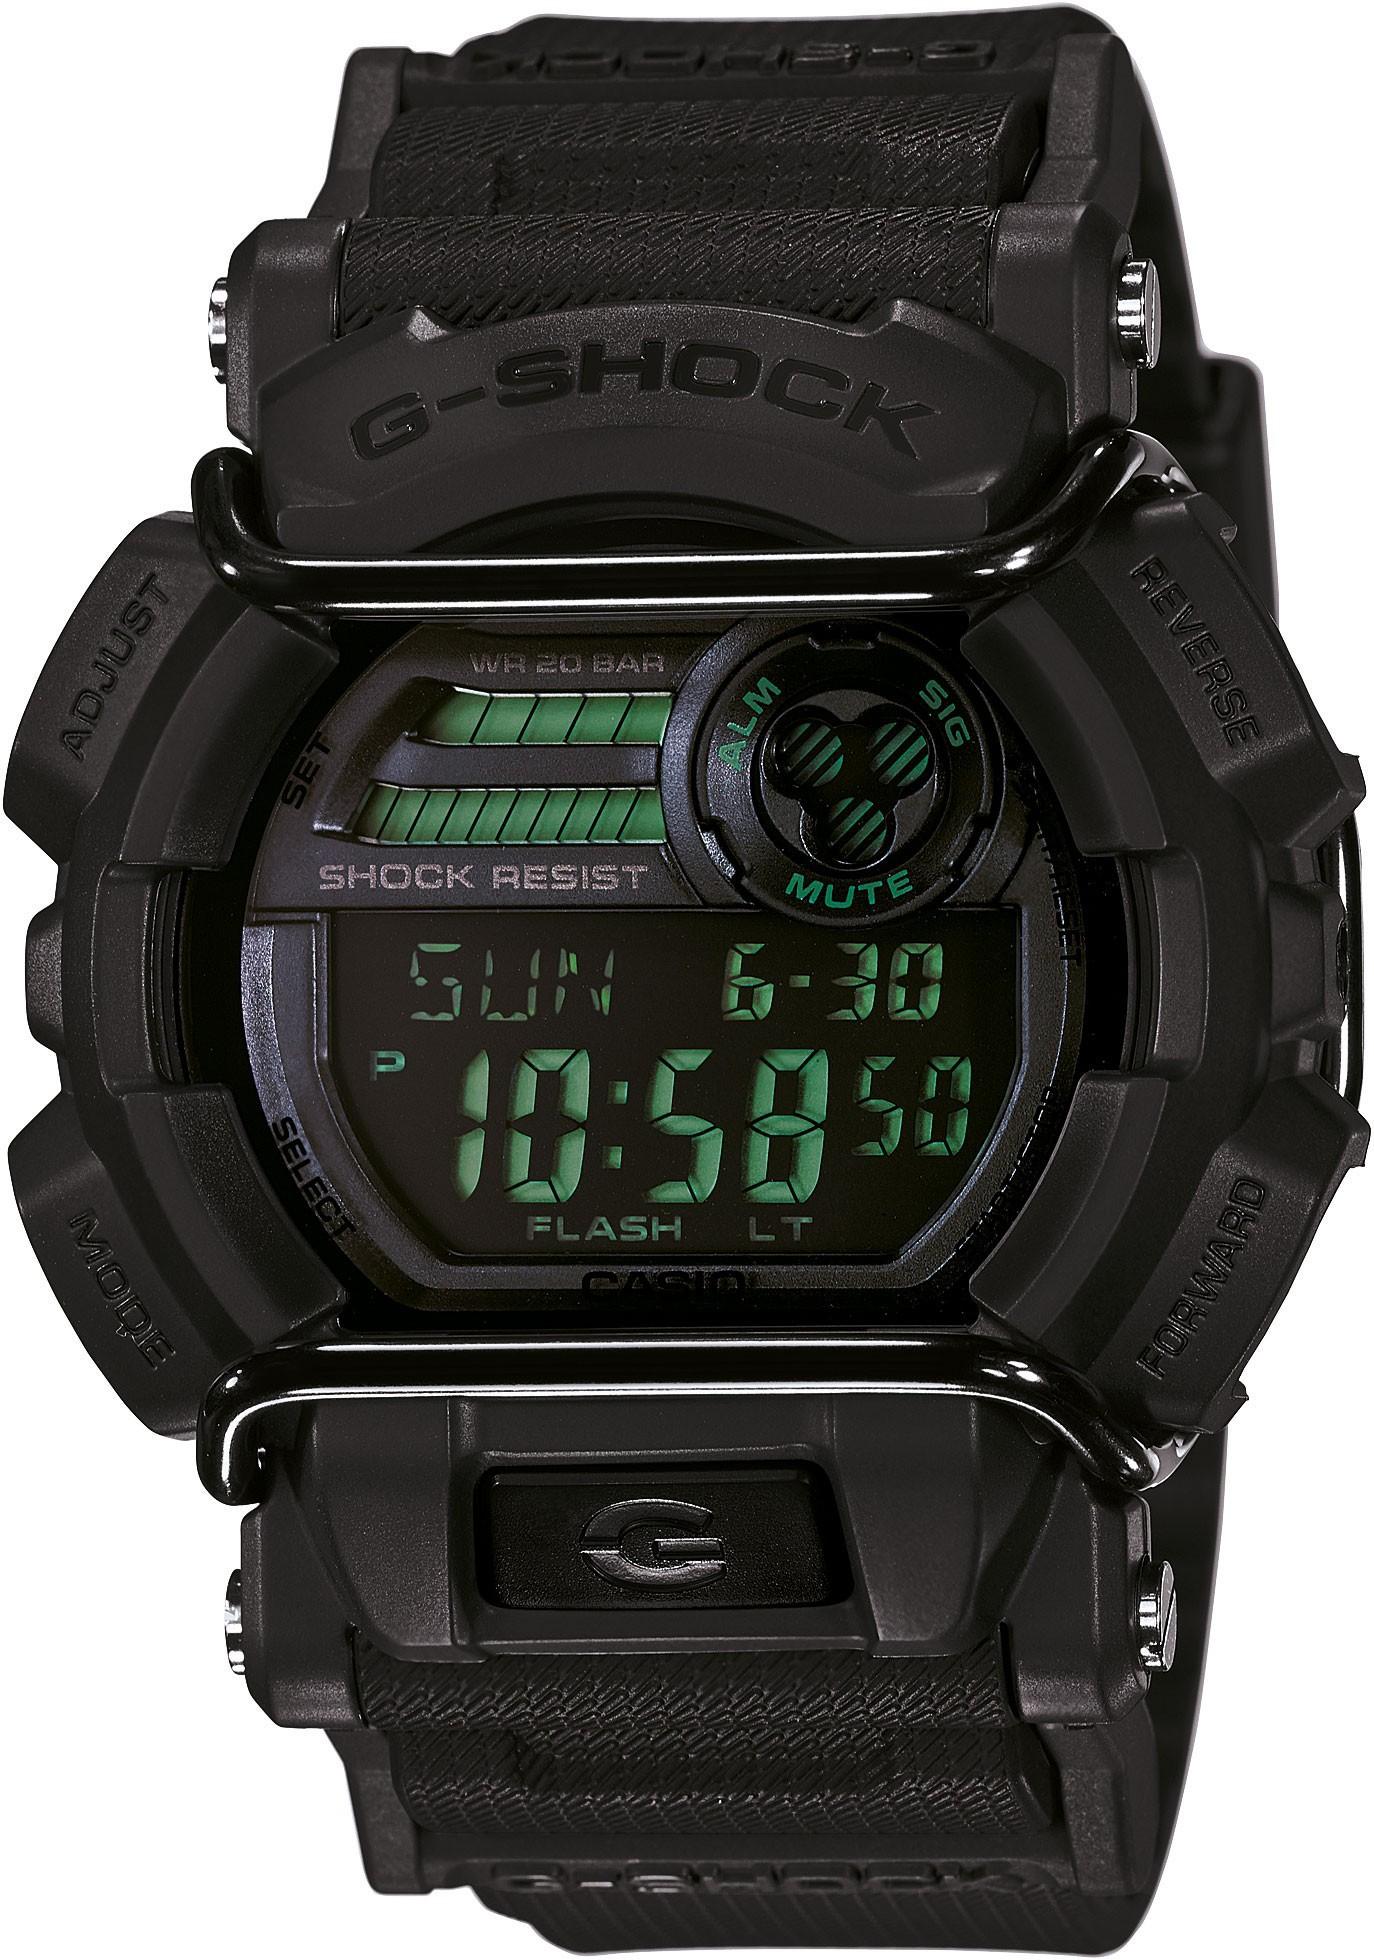 Casio G-SHOCK GD-400MB-1E / GD-400MB-1ER - мужские наручные часыCasio<br><br><br>Бренд: Casio<br>Модель: Casio GD-400MB-1E<br>Артикул: GD-400MB-1E<br>Вариант артикула: GD-400MB-1ER<br>Коллекция: G-SHOCK<br>Подколлекция: None<br>Страна: Япония<br>Пол: мужские<br>Тип механизма: кварцевые<br>Механизм: None<br>Количество камней: None<br>Автоподзавод: None<br>Источник энергии: от батарейки<br>Срок службы элемента питания: None<br>Дисплей: цифры<br>Цифры: None<br>Водозащита: WR 200<br>Противоударные: есть<br>Материал корпуса: пластик<br>Материал браслета: пластик<br>Материал безеля: None<br>Стекло: минеральное<br>Антибликовое покрытие: None<br>Цвет корпуса: None<br>Цвет браслета: None<br>Цвет циферблата: None<br>Цвет безеля: None<br>Размеры: 49.7x55x16.6 мм<br>Диаметр: None<br>Диаметр корпуса: None<br>Толщина: None<br>Ширина ремешка: None<br>Вес: 78 г<br>Спорт-функции: секундомер, таймер обратного отсчета<br>Подсветка: None<br>Вставка: None<br>Отображение даты: вечный календарь, число, месяц, день недели<br>Хронограф: None<br>Таймер: None<br>Термометр: None<br>Хронометр: None<br>GPS: None<br>Радиосинхронизация: None<br>Барометр: None<br>Скелетон: None<br>Дополнительная информация: автоподсветка, ежечасный сигнал, повтор сигнала будильника, функция Flash alert, элемент питания CR2025, срок службы батарейки 7 лет<br>Дополнительные функции: второй часовой пояс, будильник (количество установок: 5)